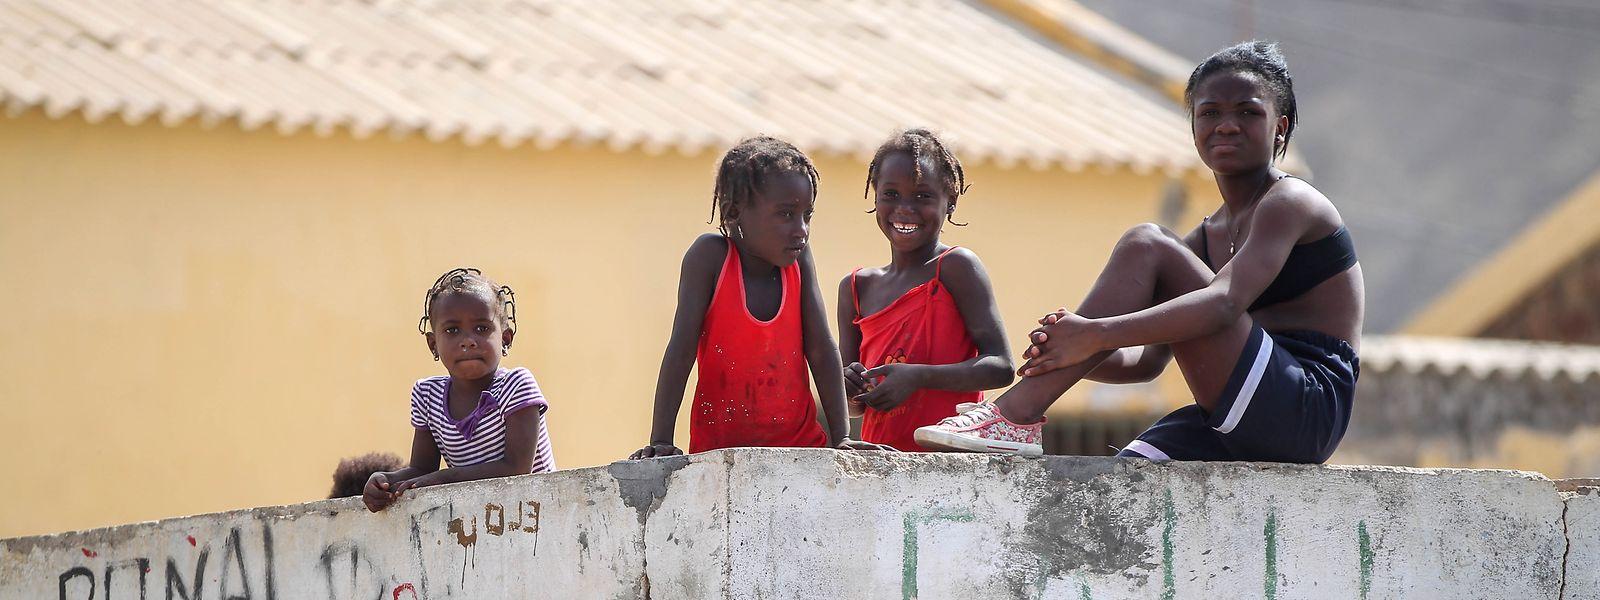 Oberstes Ziel der luxemburgischen Entwicklungshilfe ist die Bekämpfung der Armut.